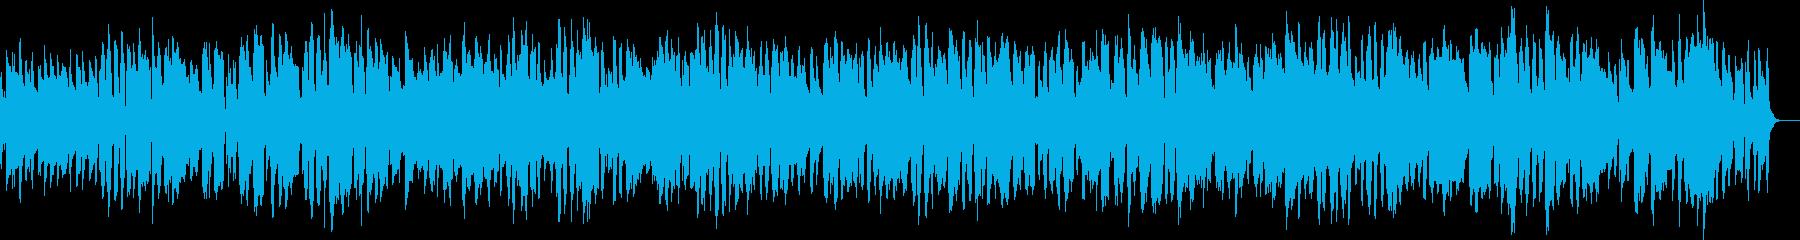 サックスとトロンボーンの明るいジャズの再生済みの波形